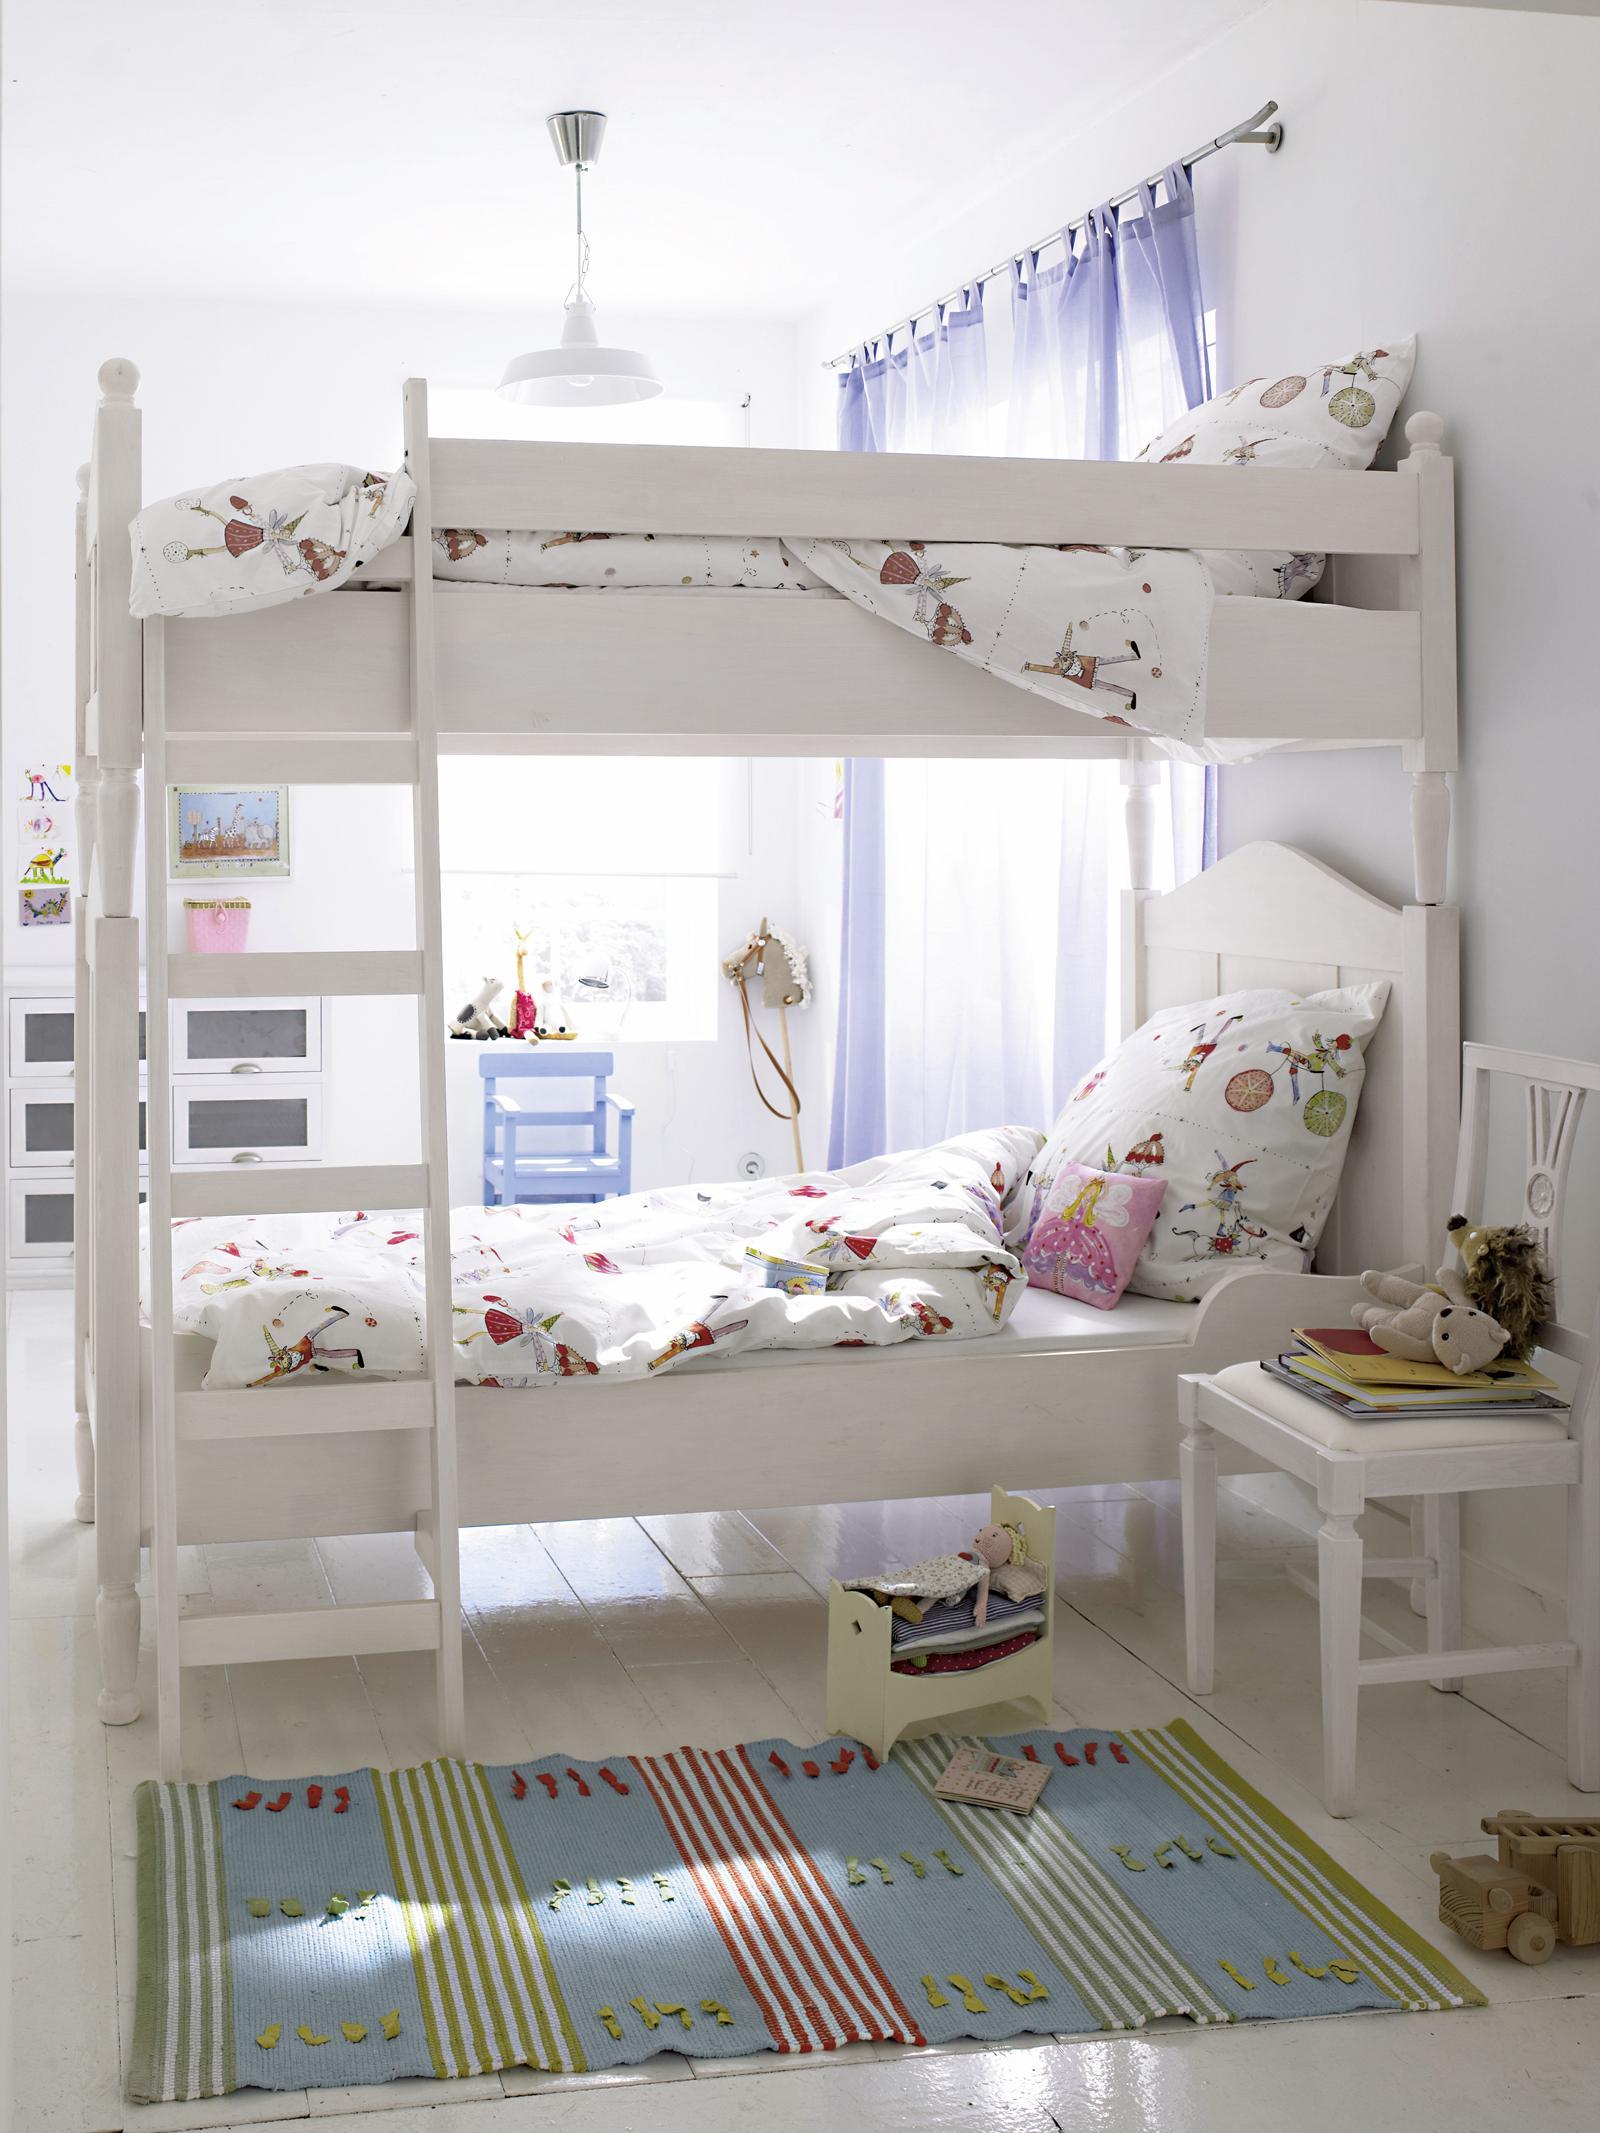 Weißes Etagenbett im Kinderzimmer #stuhl #teppich #b...